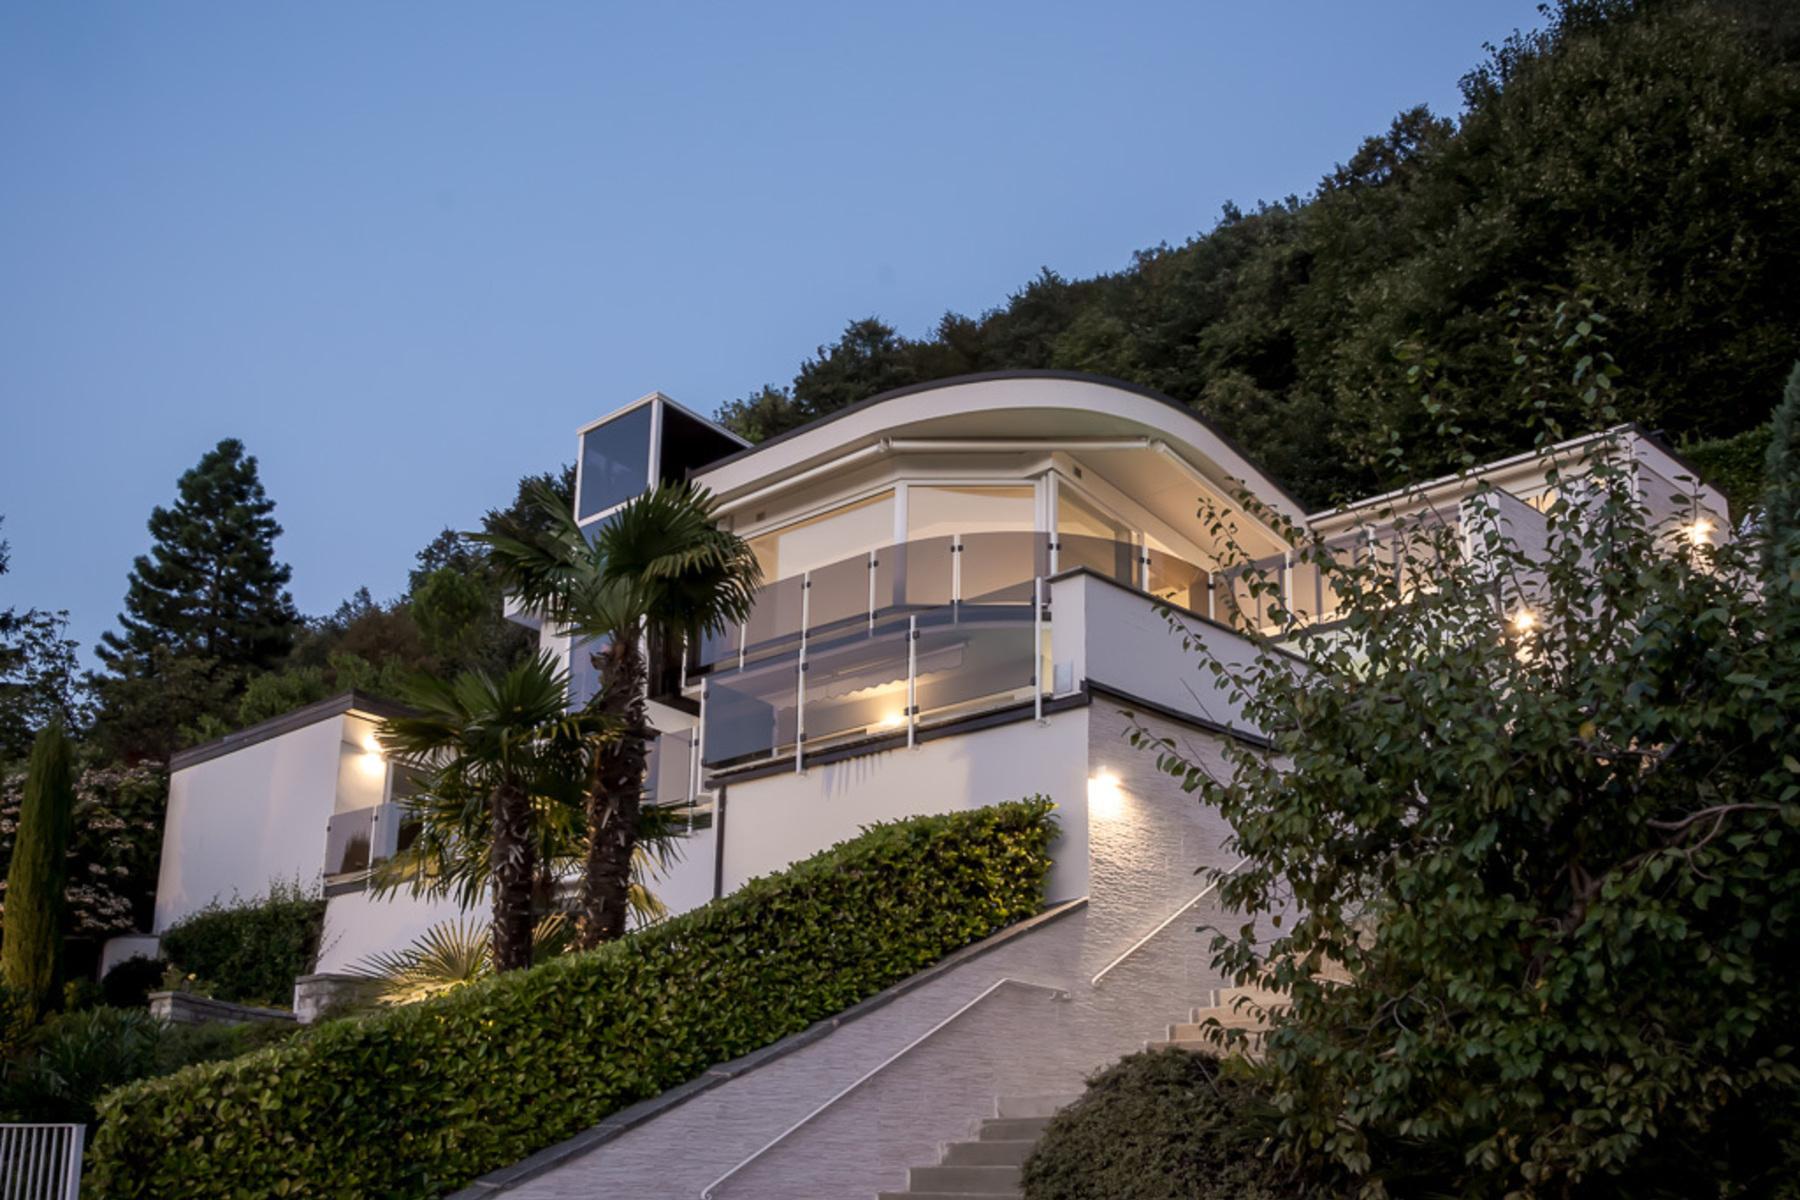 واحد منزل الأسرة للـ Sale في Elegant villa with splendid lake view Lugano - Aldesago, Aldesago, Ticino, 6974 Switzerland